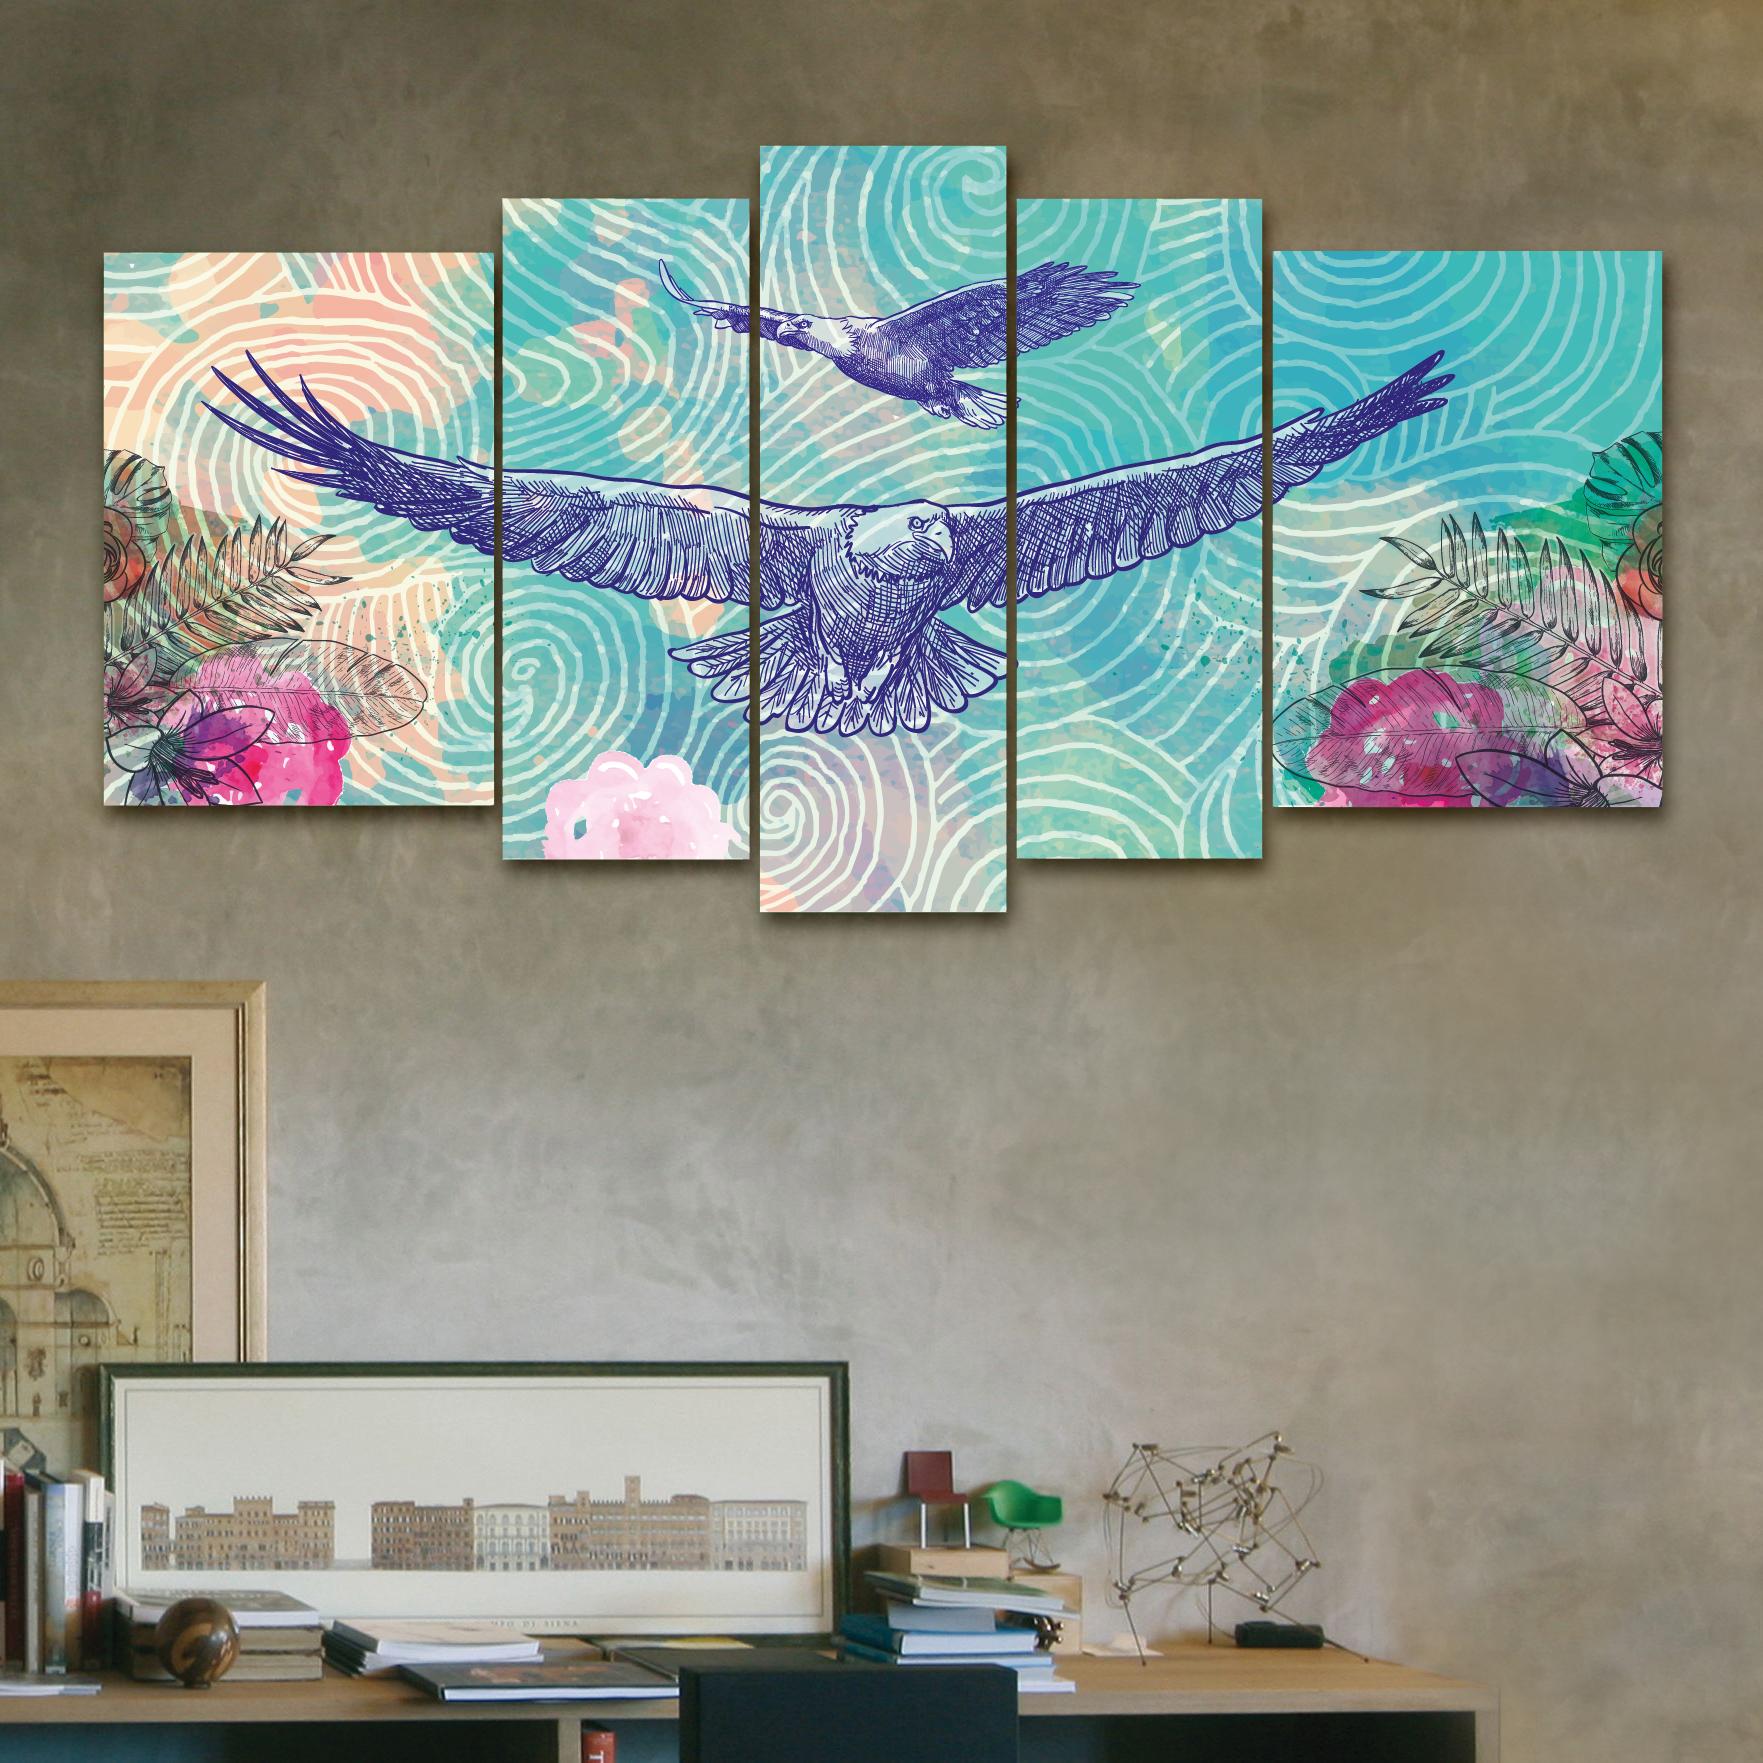 Guila azul 150 cm x 70 cm cuadros decorativos for Donde puedo comprar cuadros decorativos